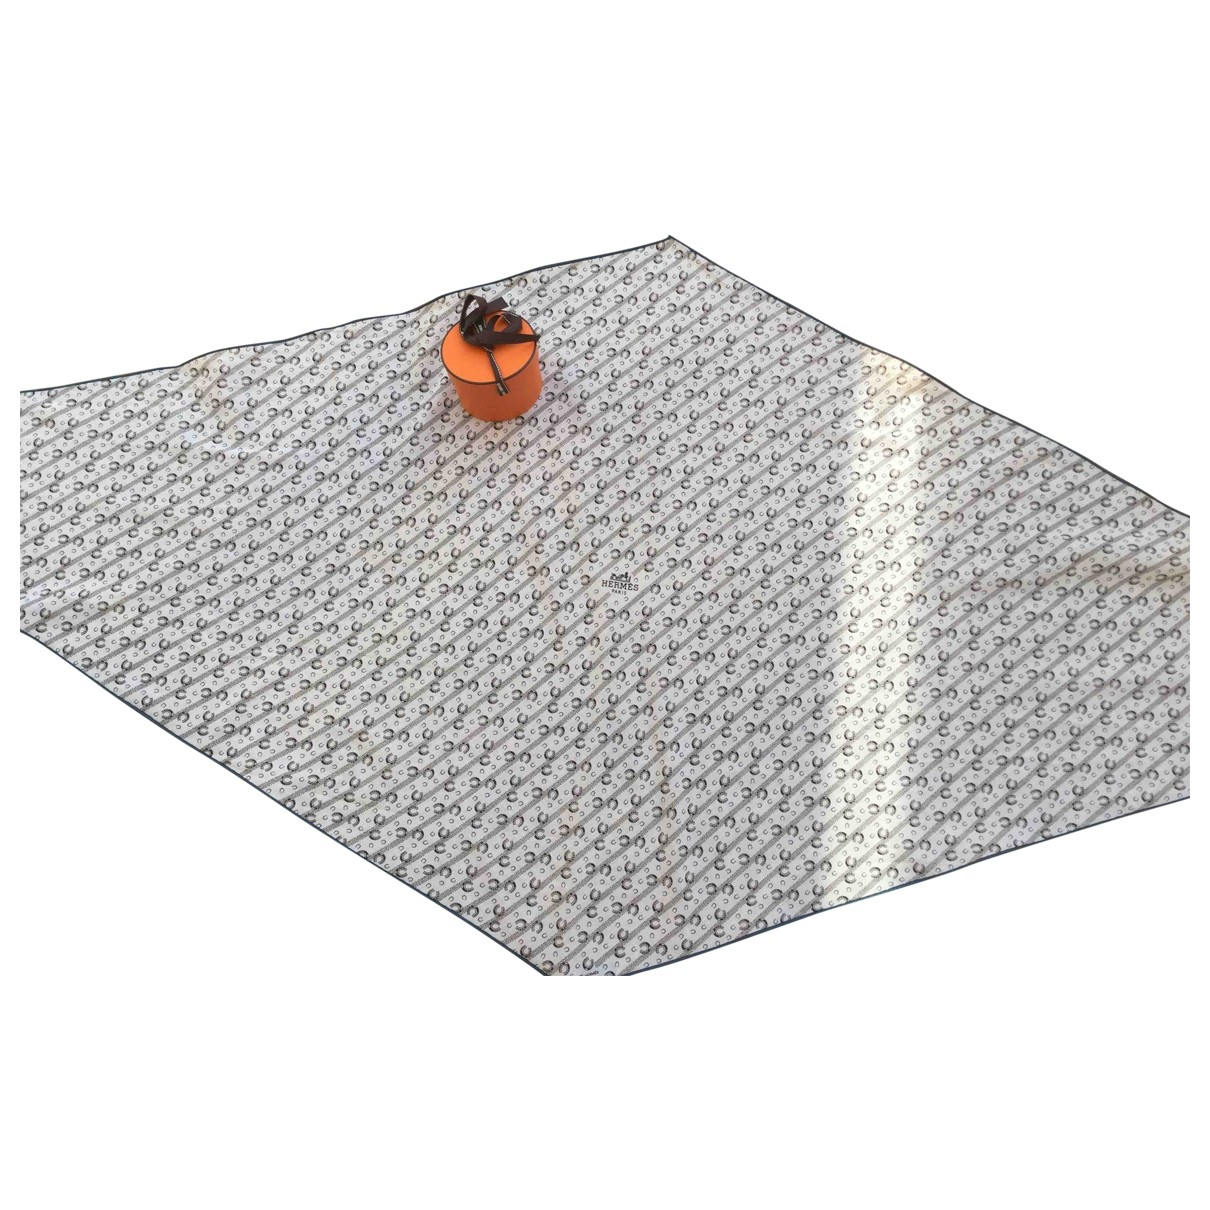 Hermes - Cheches.Echarpes   pour homme en coton - blanc